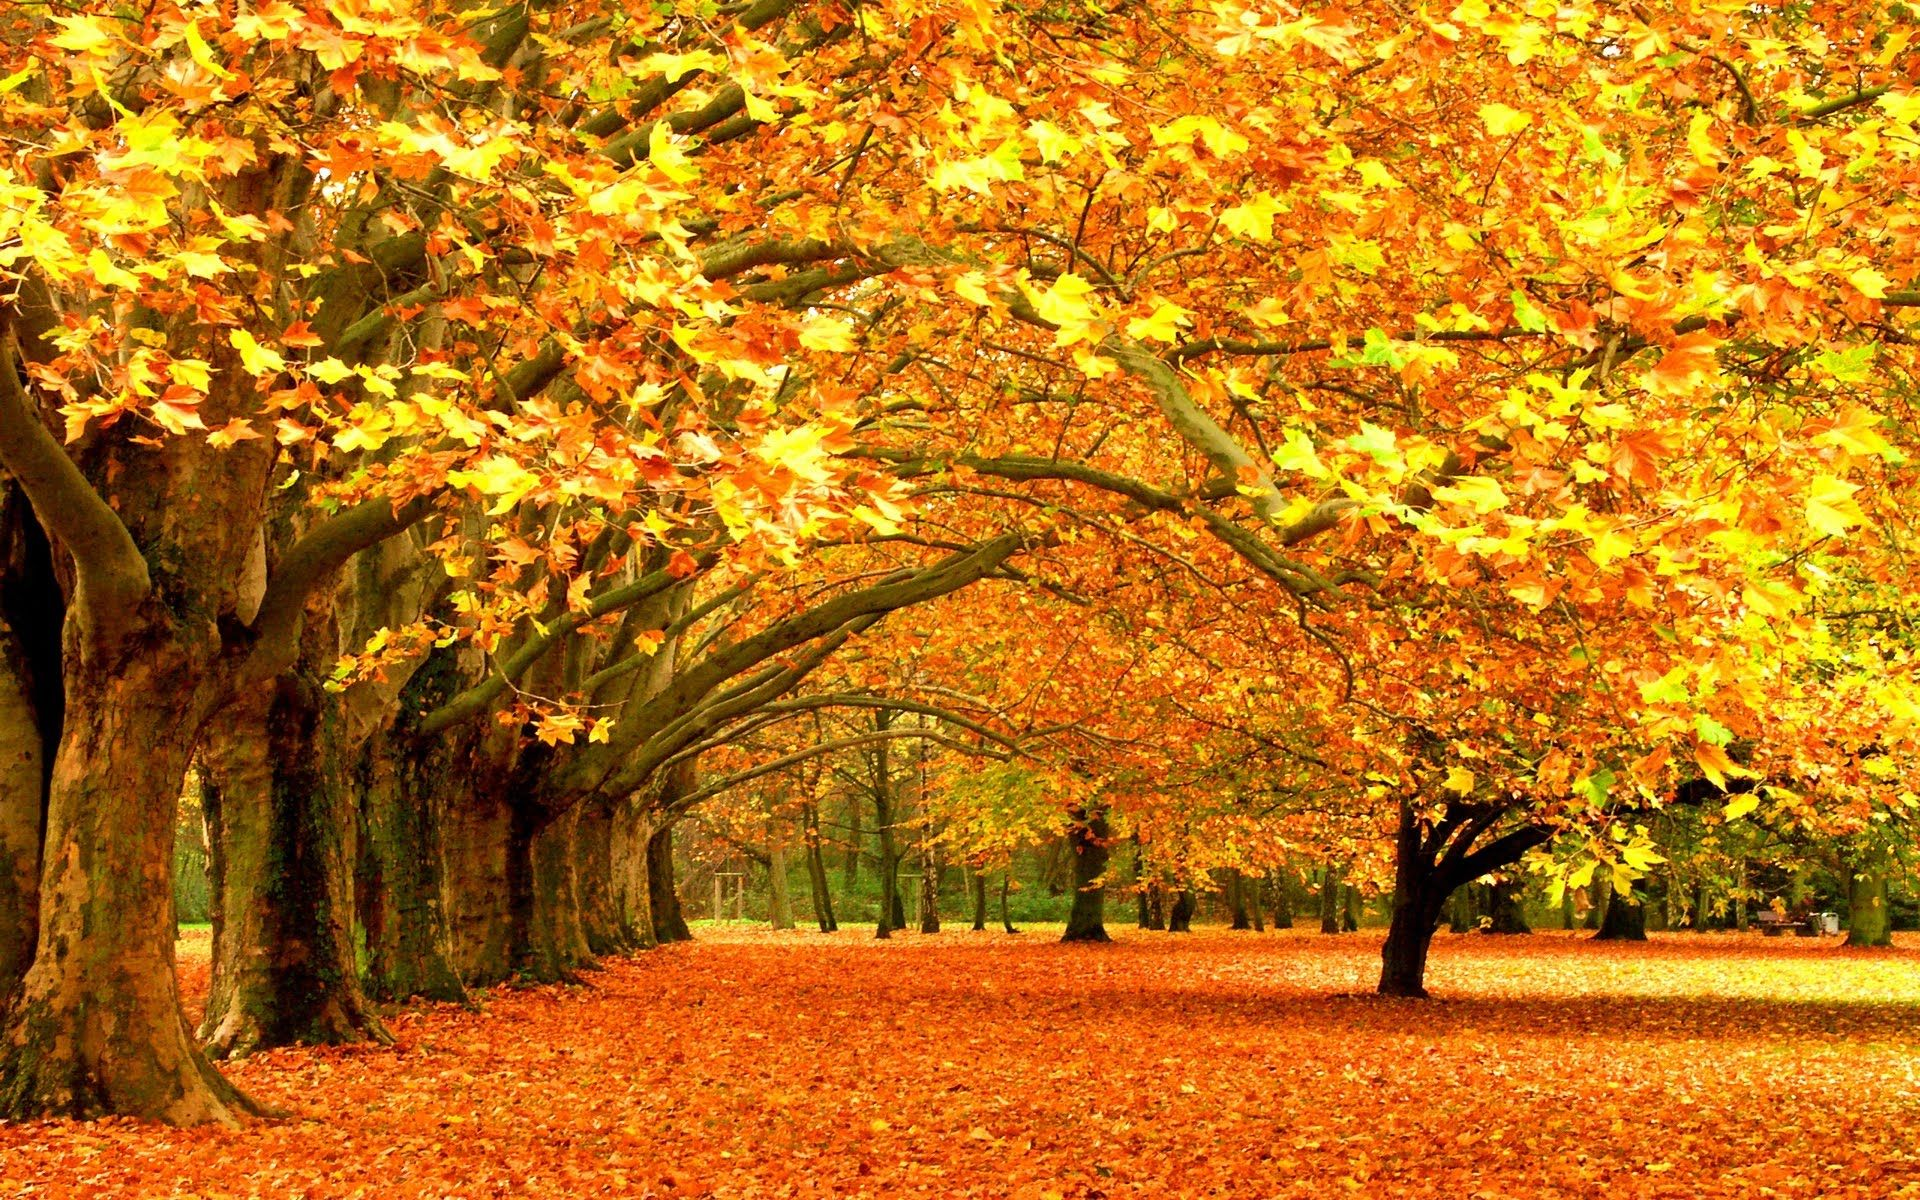 Hình ảnh mùa thu lá rụng đầy khắp chốn